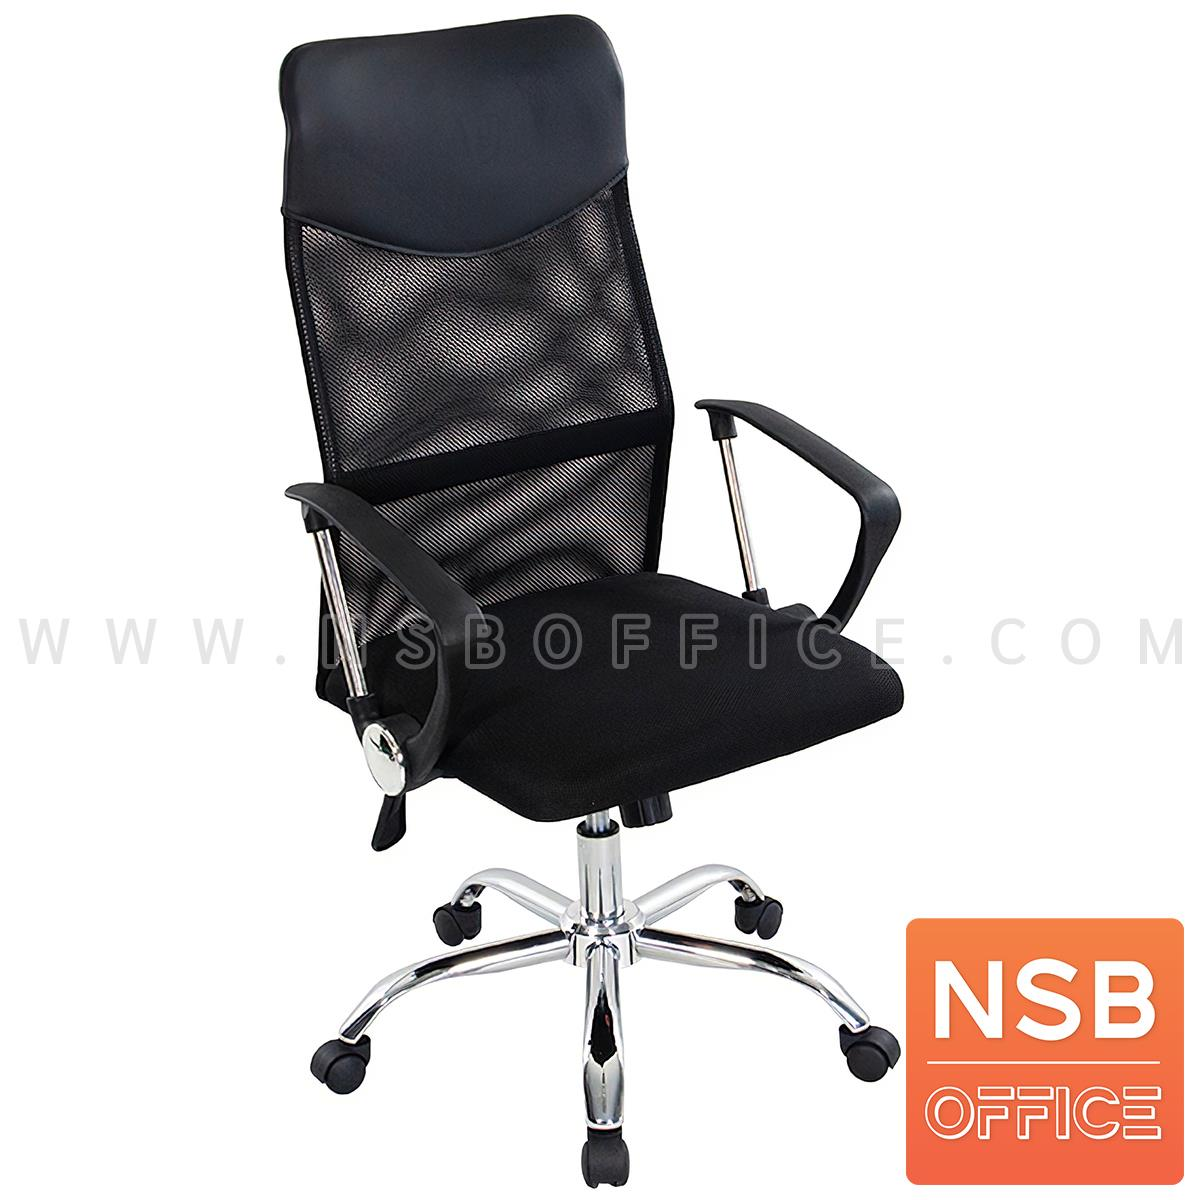 B24A290:เก้าอี้ผู้บริหารหลังเน็ต รุ่น Suncity (ซันซิตี้)  โช๊คแก๊ส มีก้อนโยก ขาเหล็กชุบโครเมี่ยม